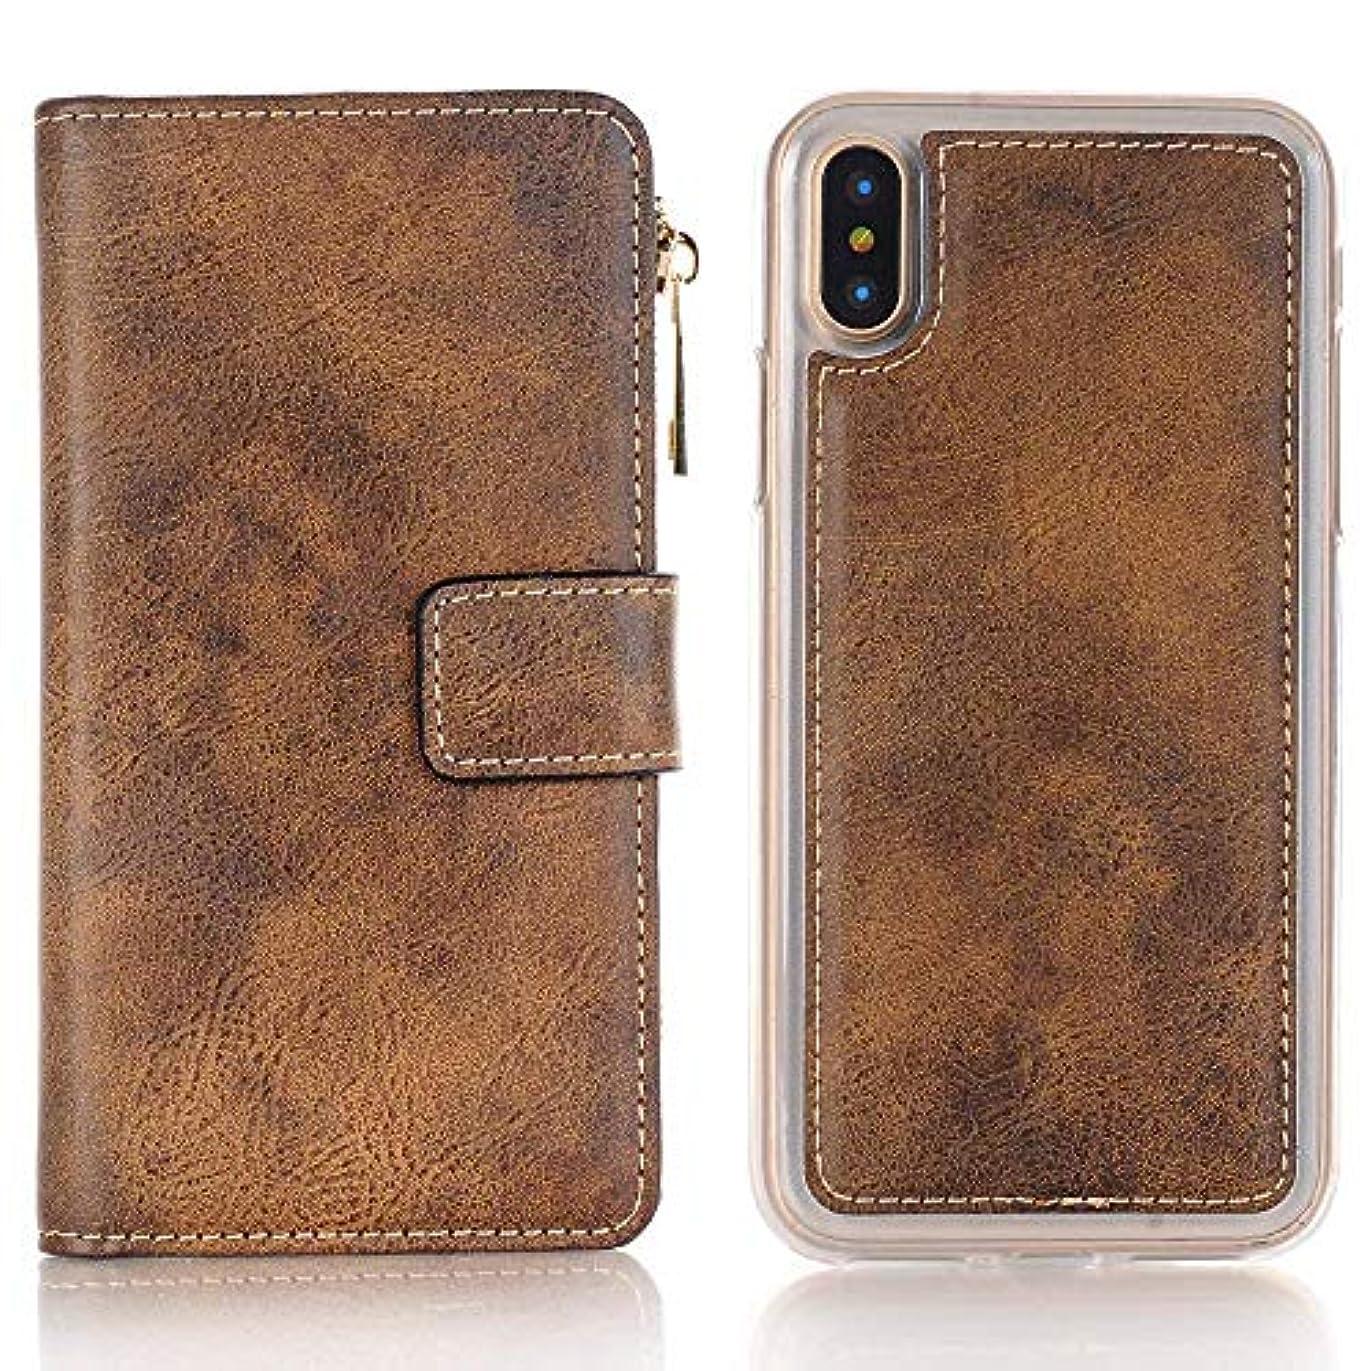 脇に払い戻し起訴するiPhone ケース 手帳型 INorton 全面保護カバー 耐衝撃 レンズ保護 カード収納 分離式 高品質レザー シリコン 軽量 マグネット式